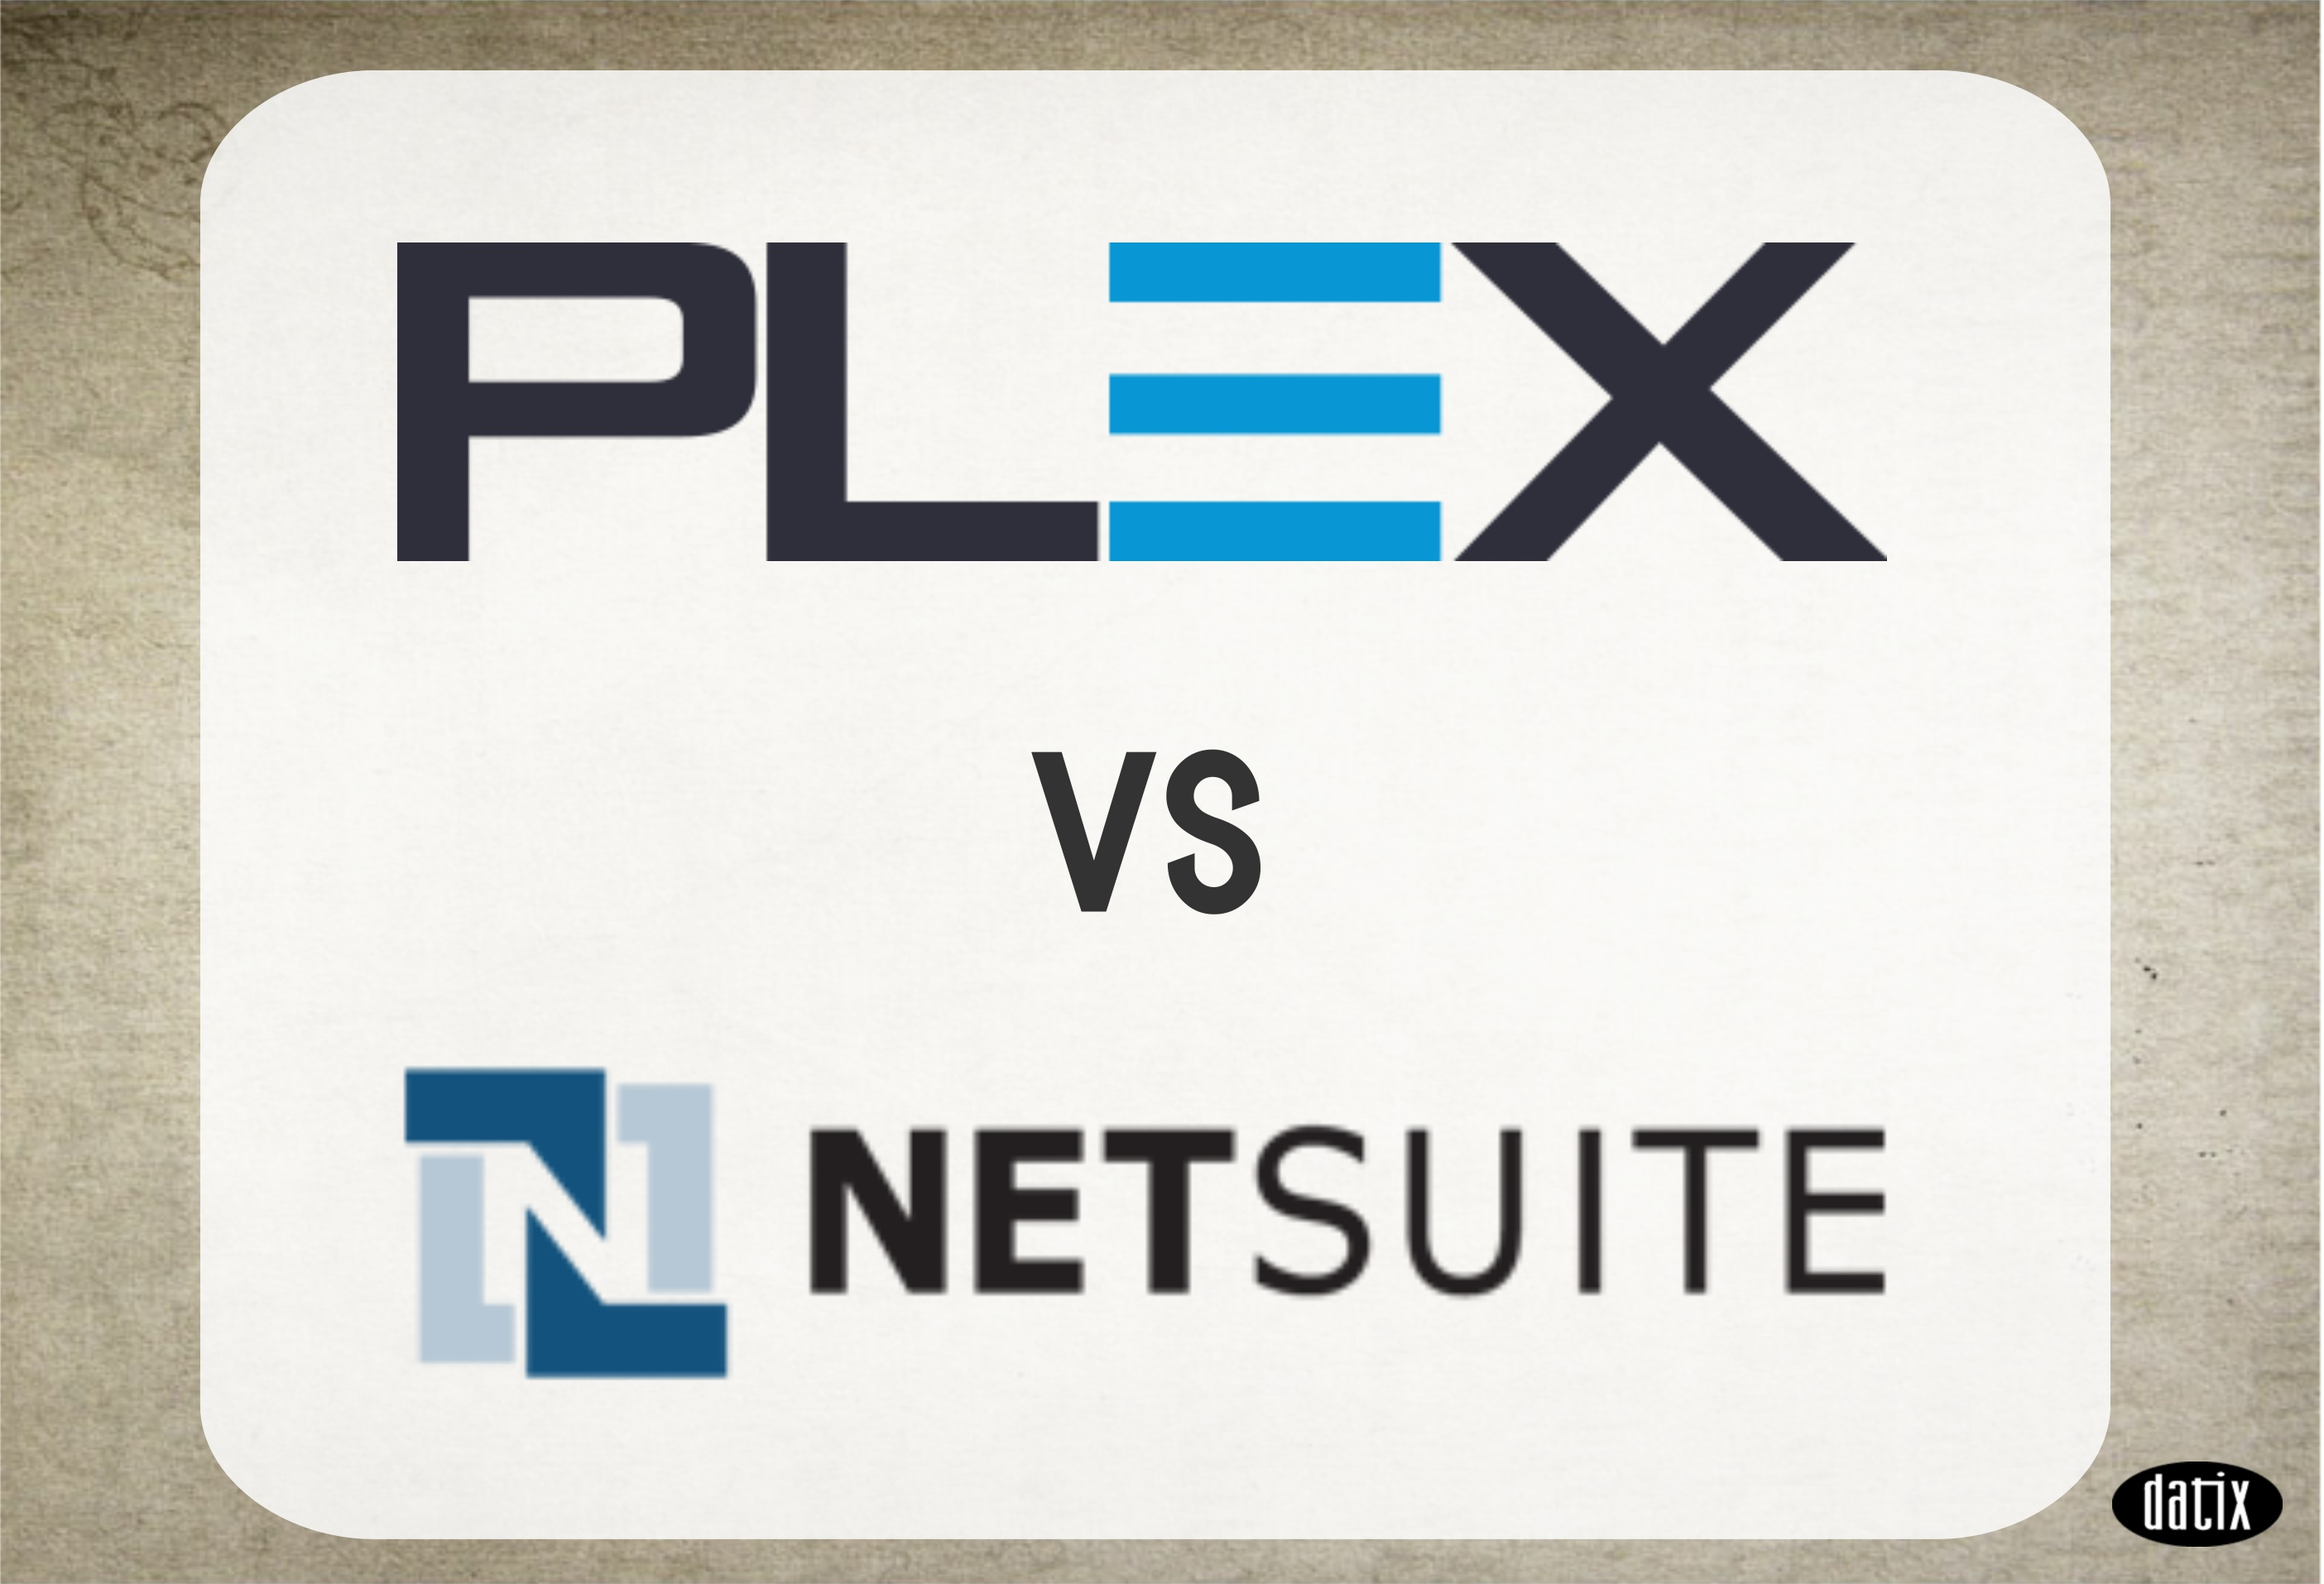 NetSuite vs Plex